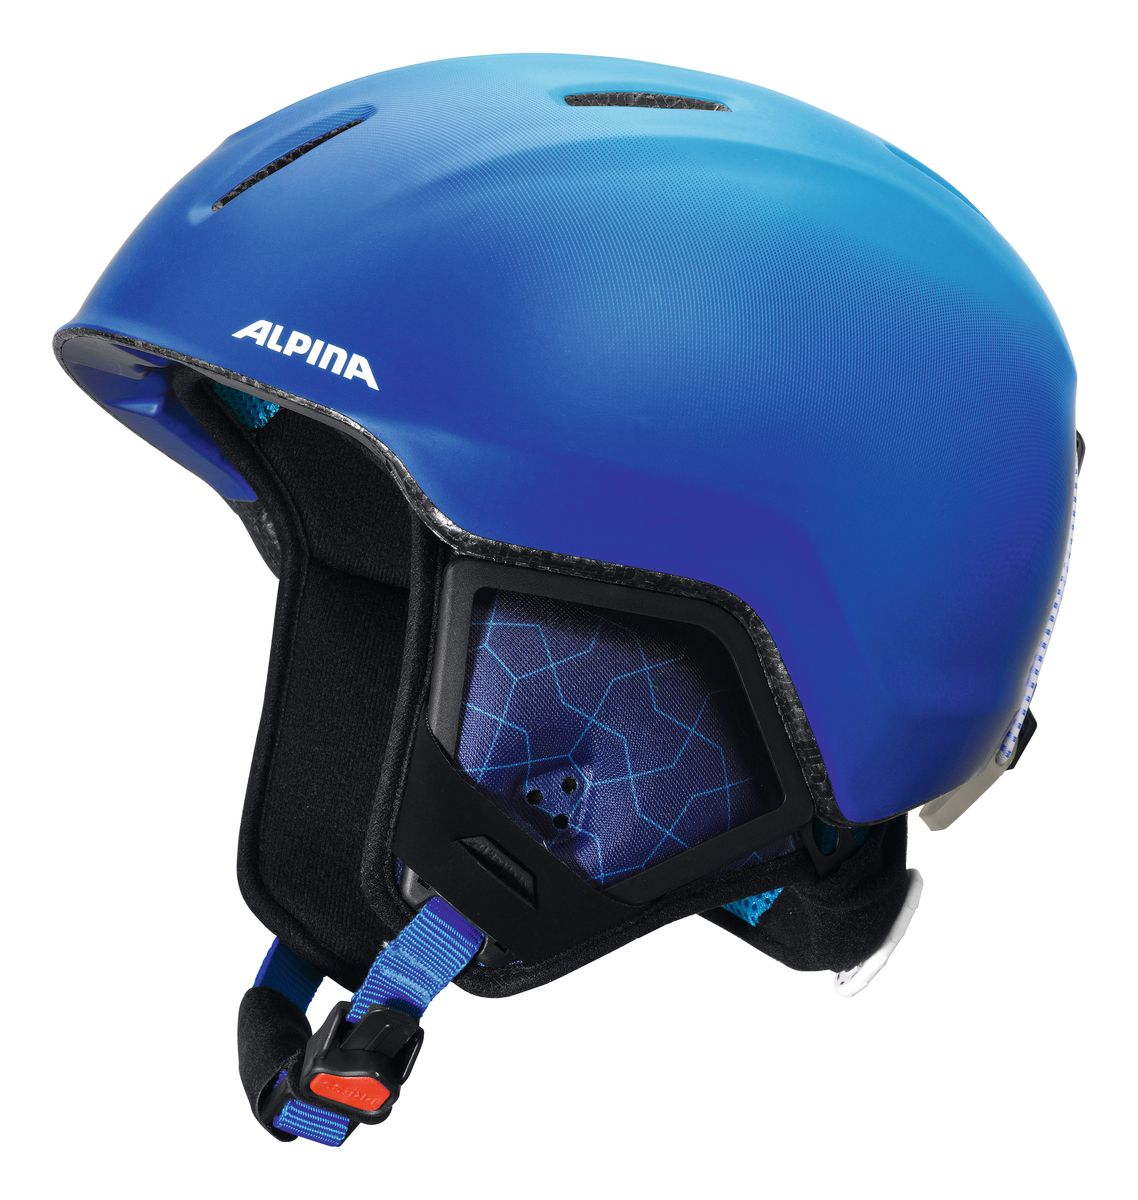 Шлем зимний Alpina  Carat Xt , цвет: синий. Размер 48-52 - Горные лыжи